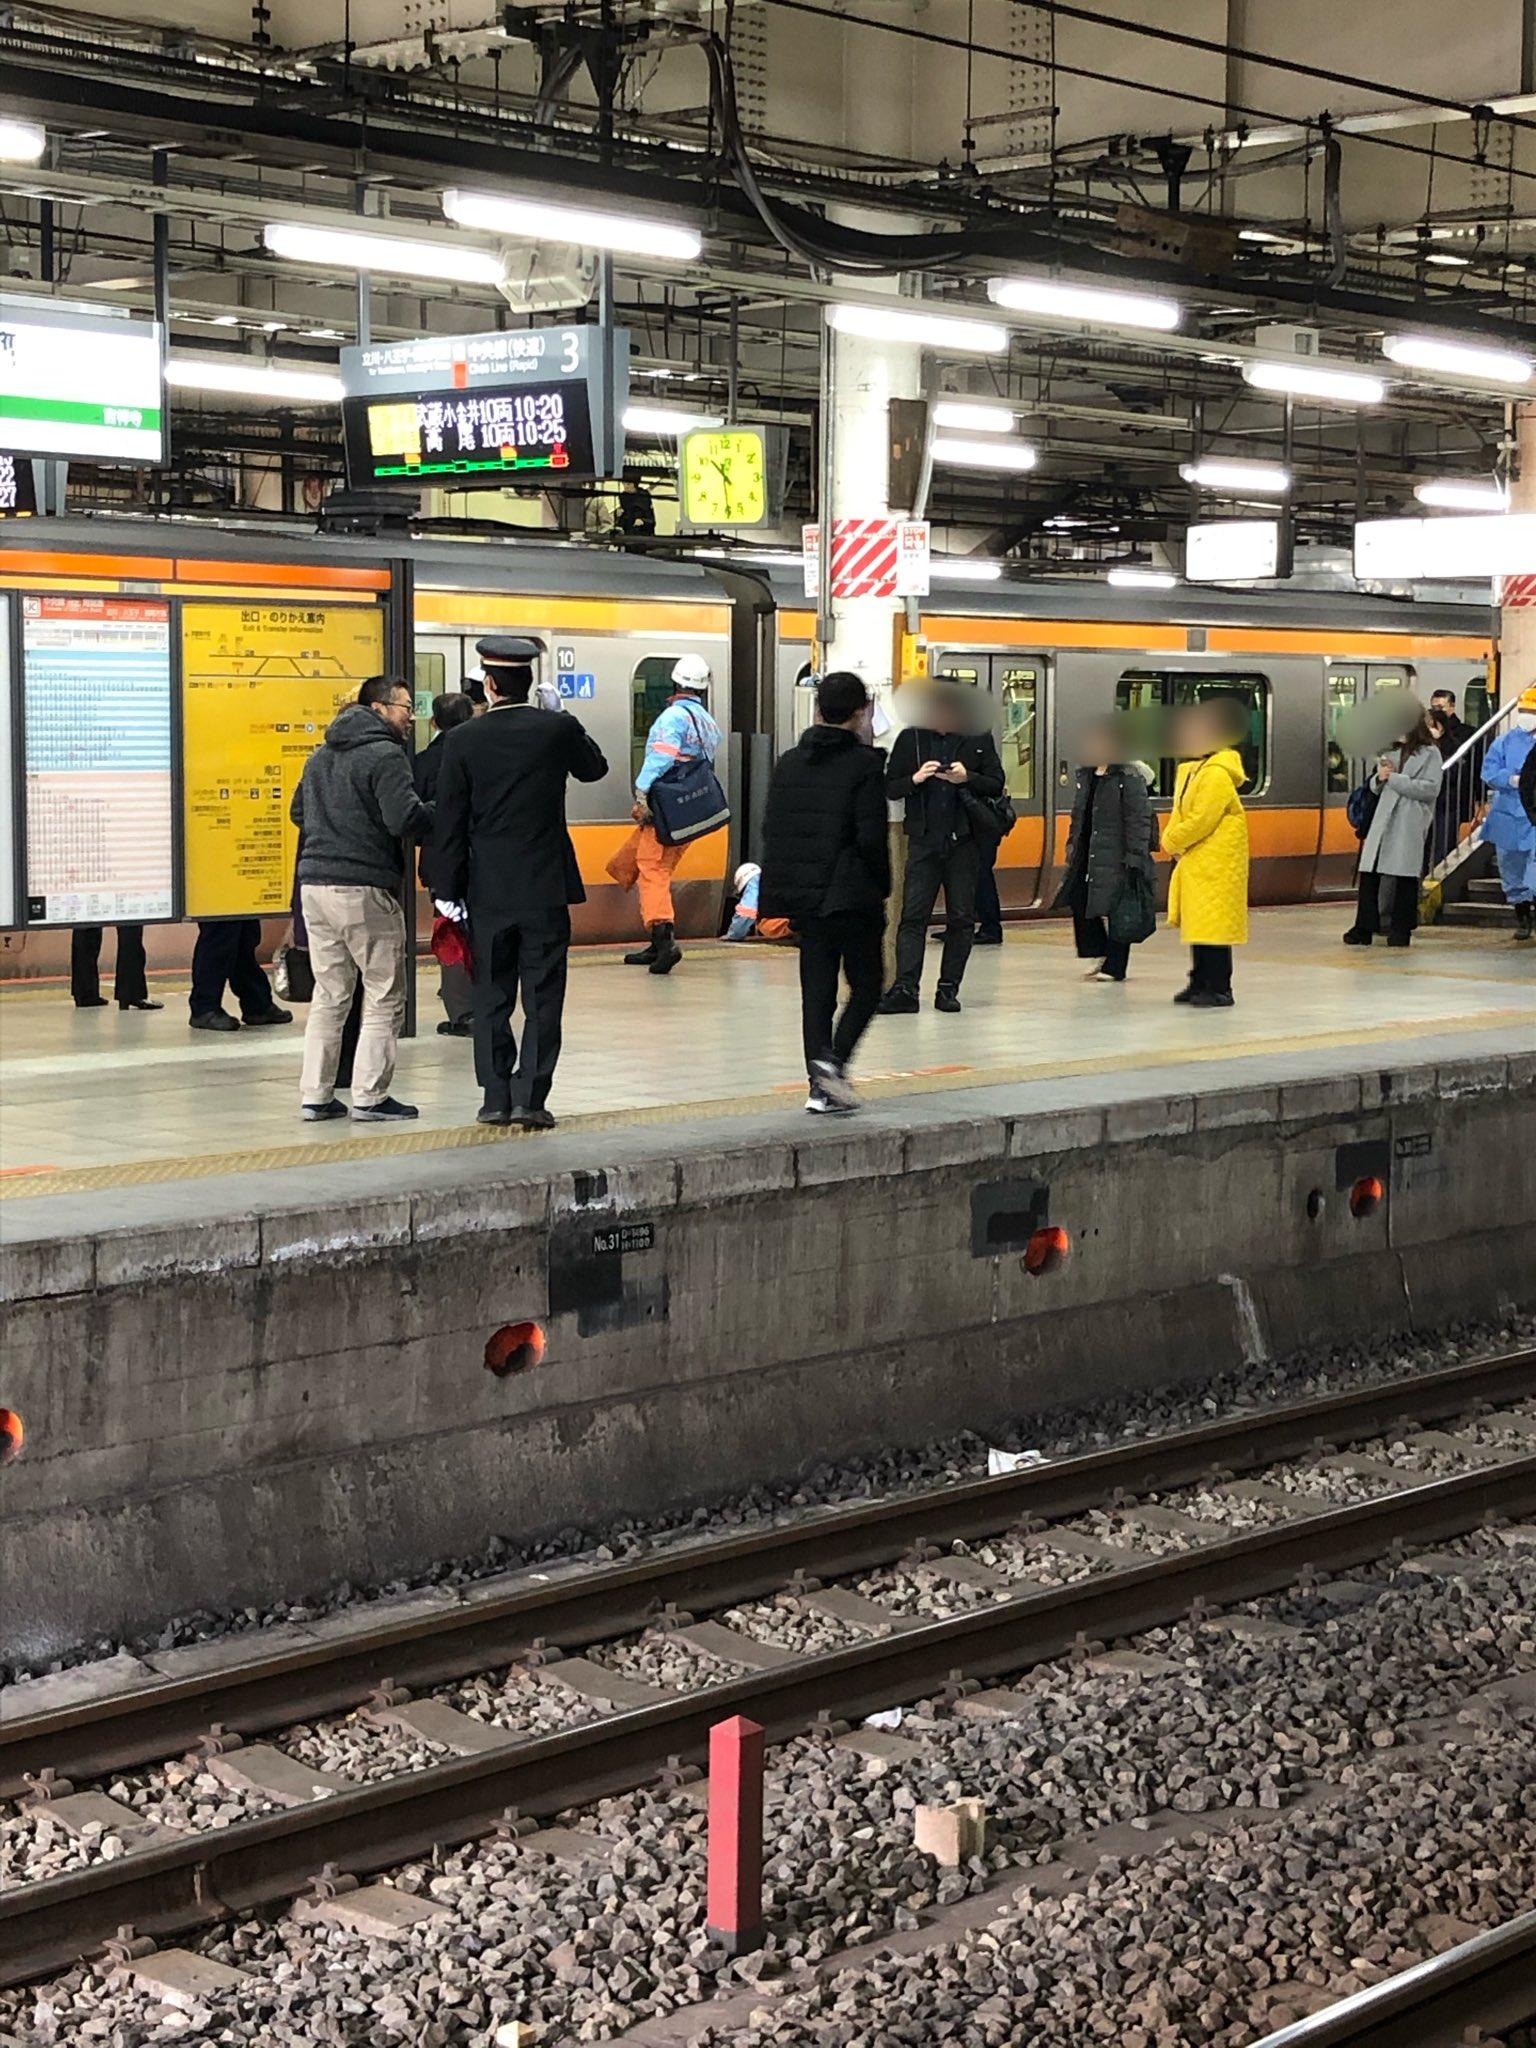 中央線の三鷹駅で人身事故が発生し救護活動している現場画像